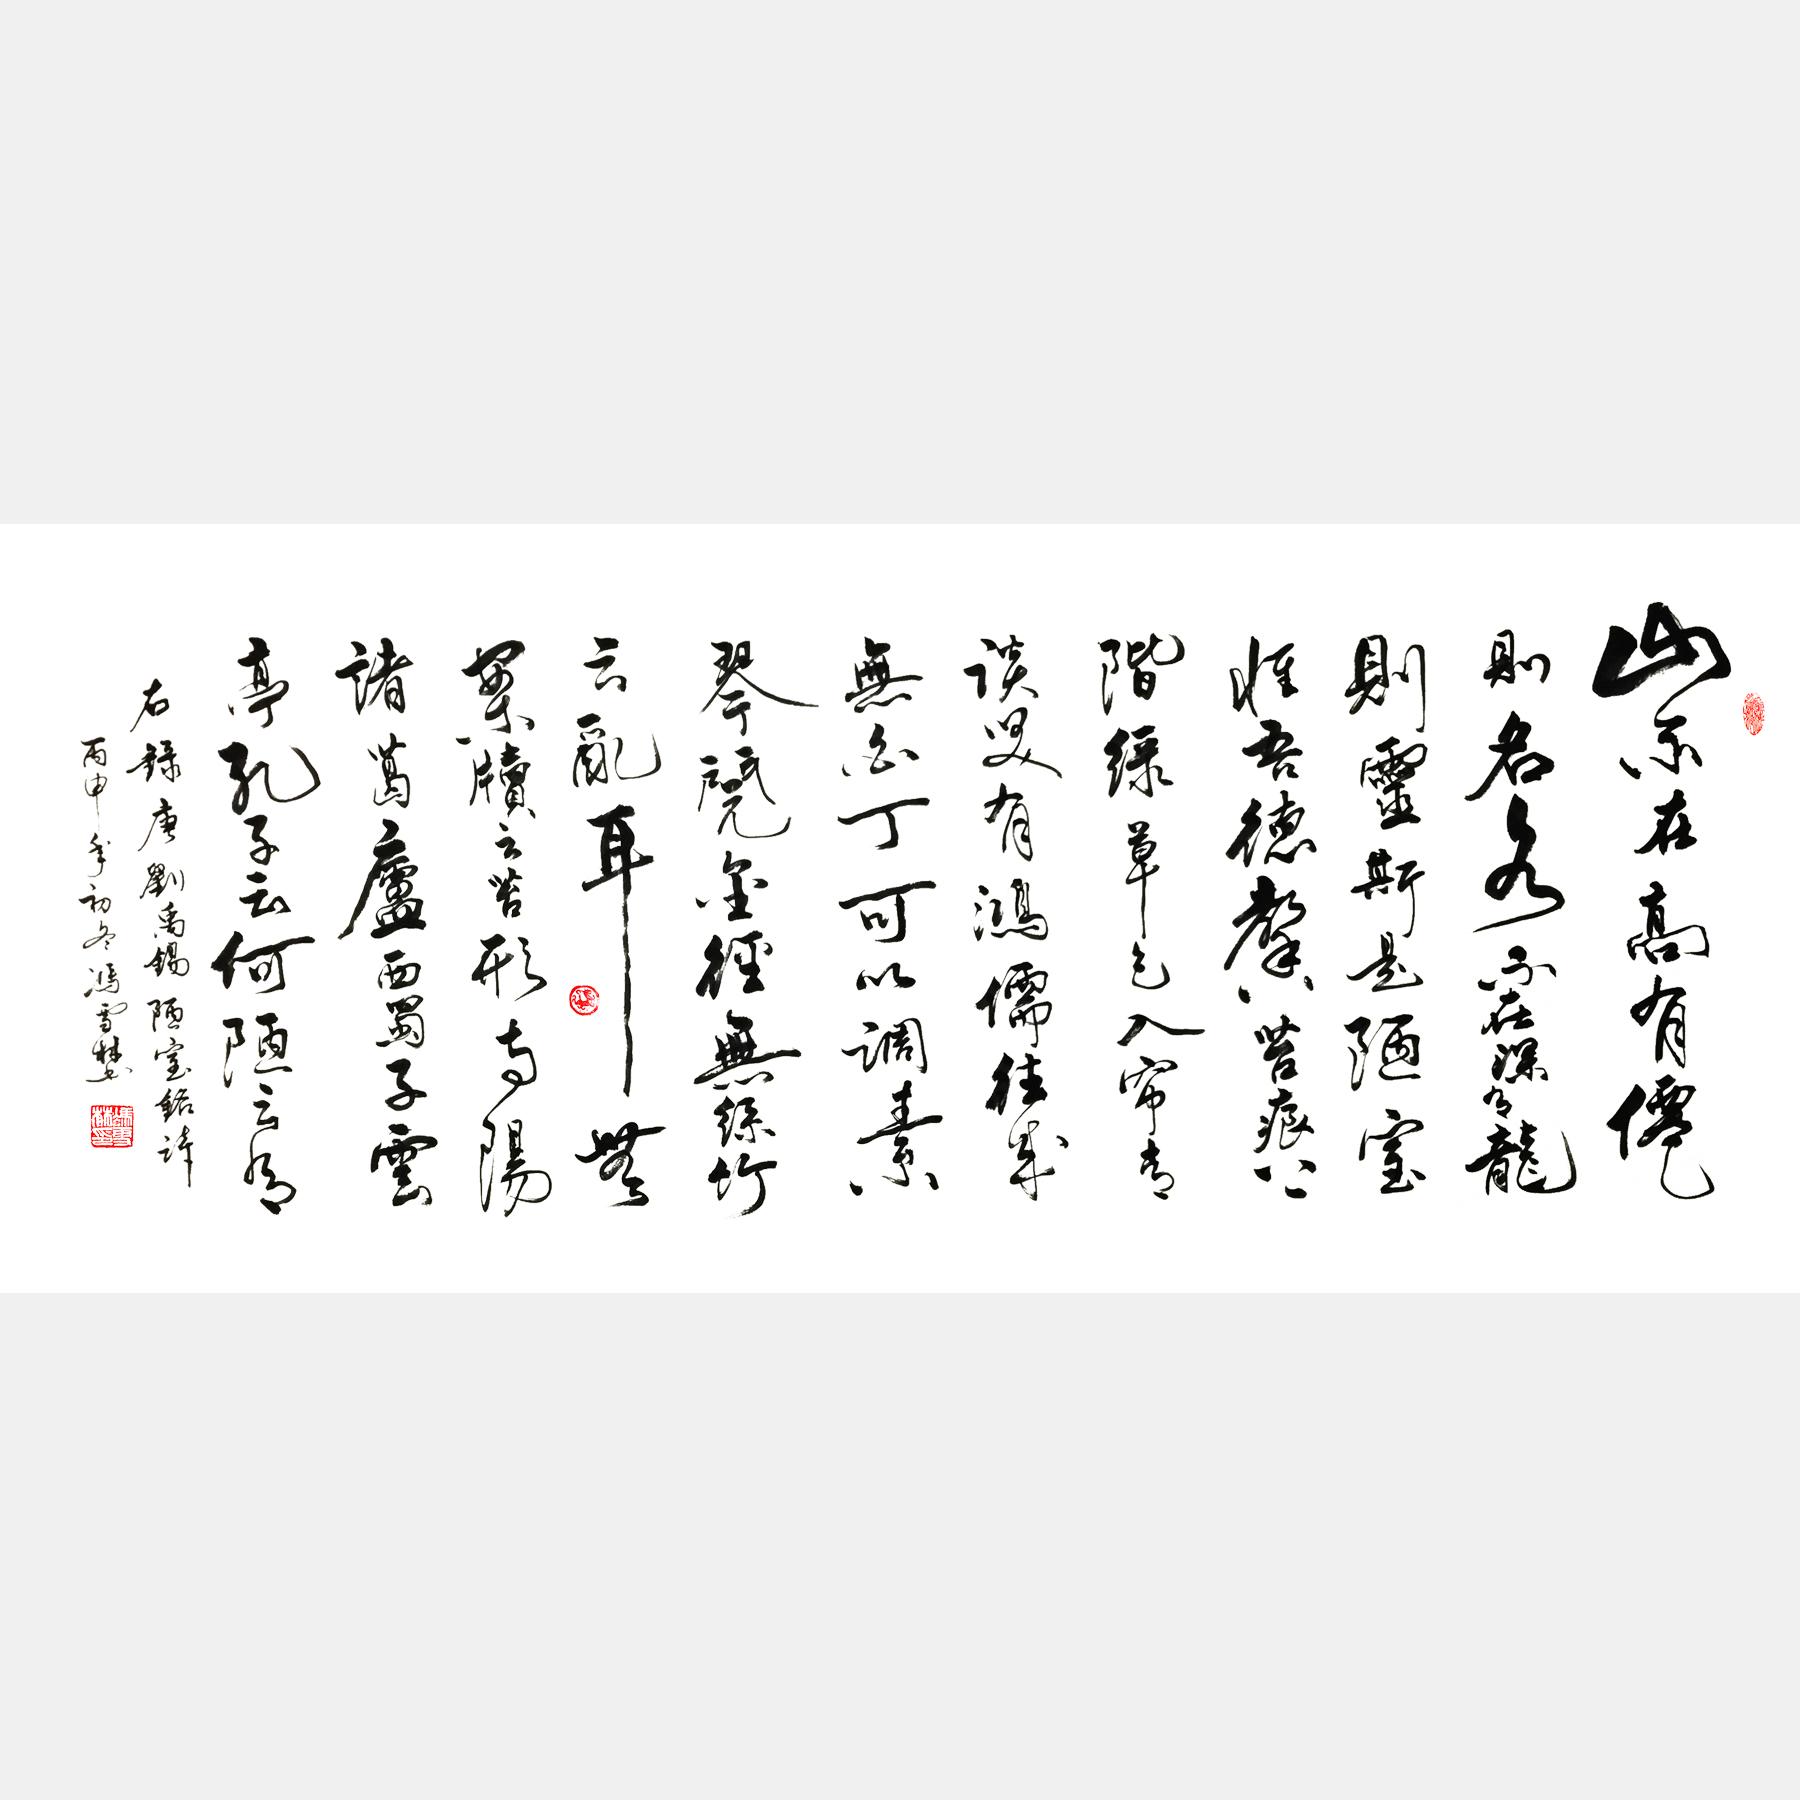 图片4:唐・刘禹锡《陋室铭》书法作品 高雅情操 古文名篇 名家行书作品